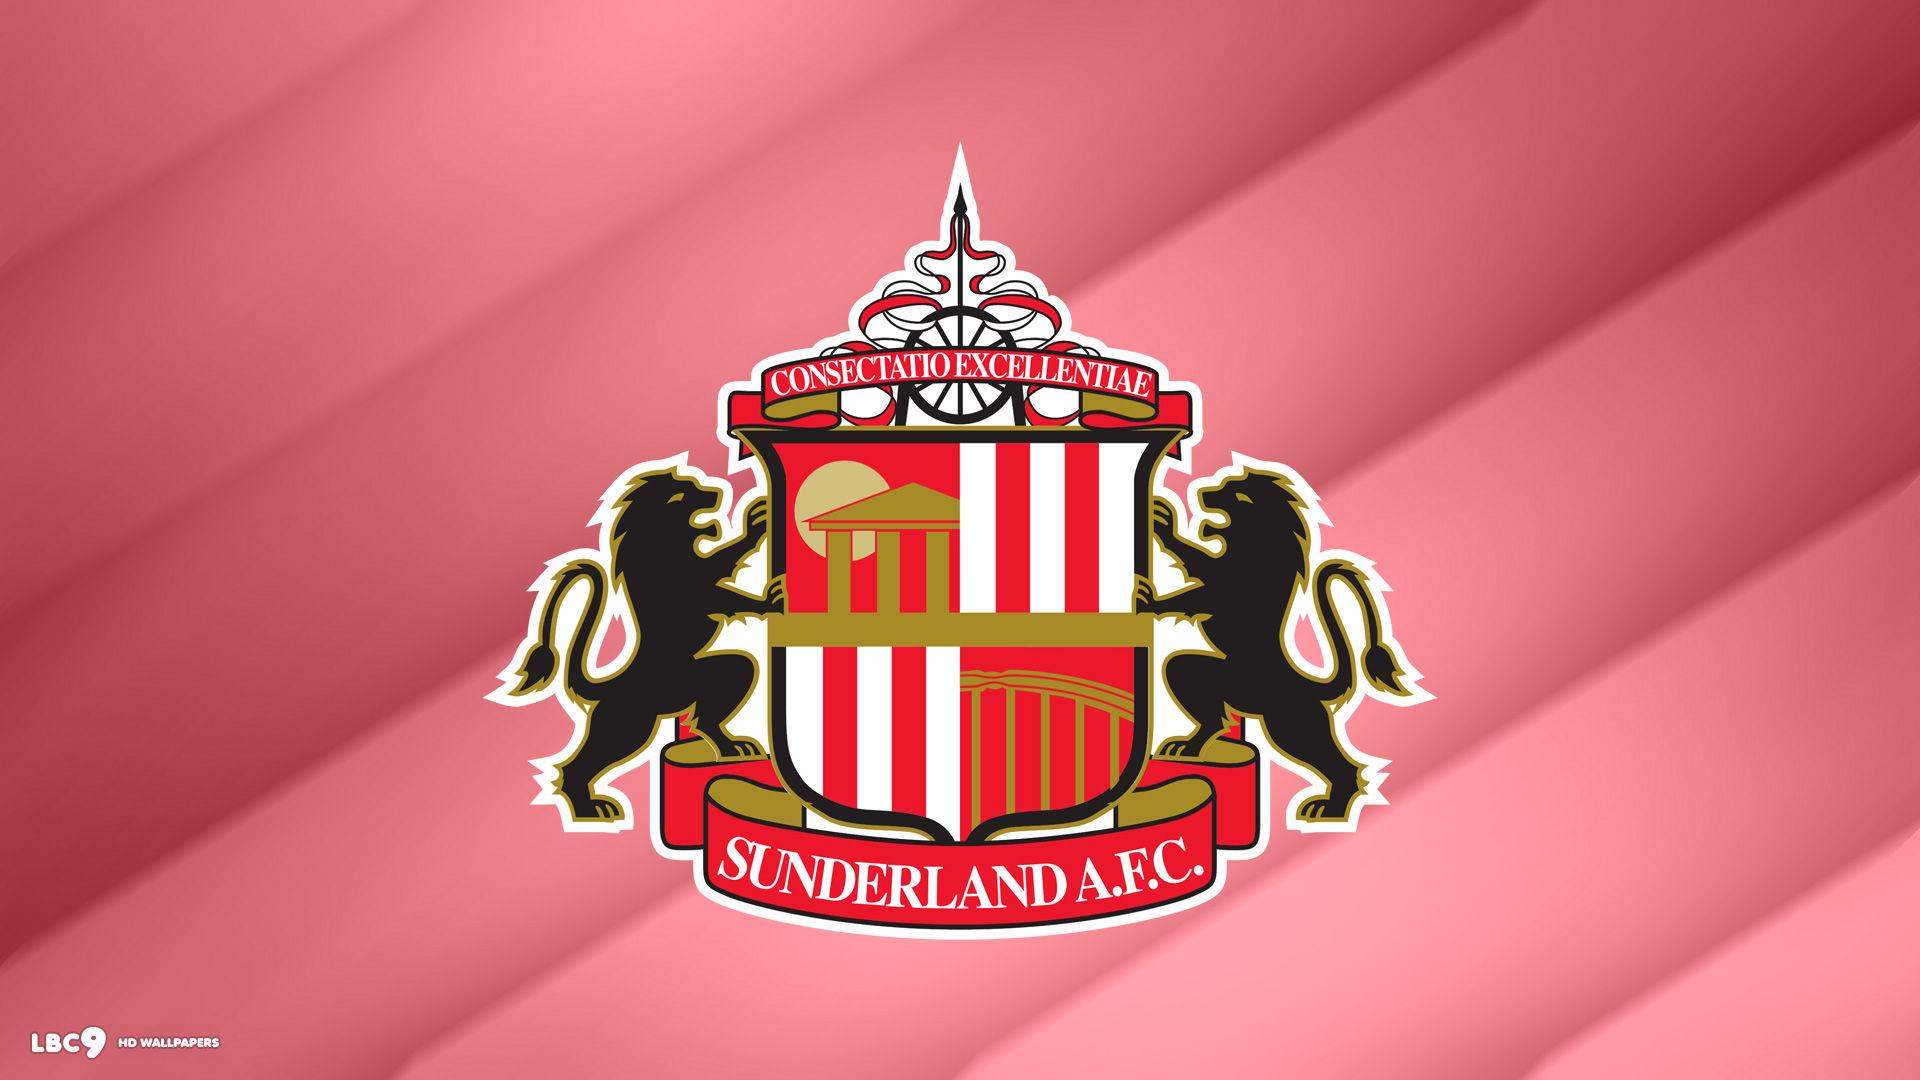 Sunderland AFC Logo Wallpaper 4826   Ongur 1920x1080